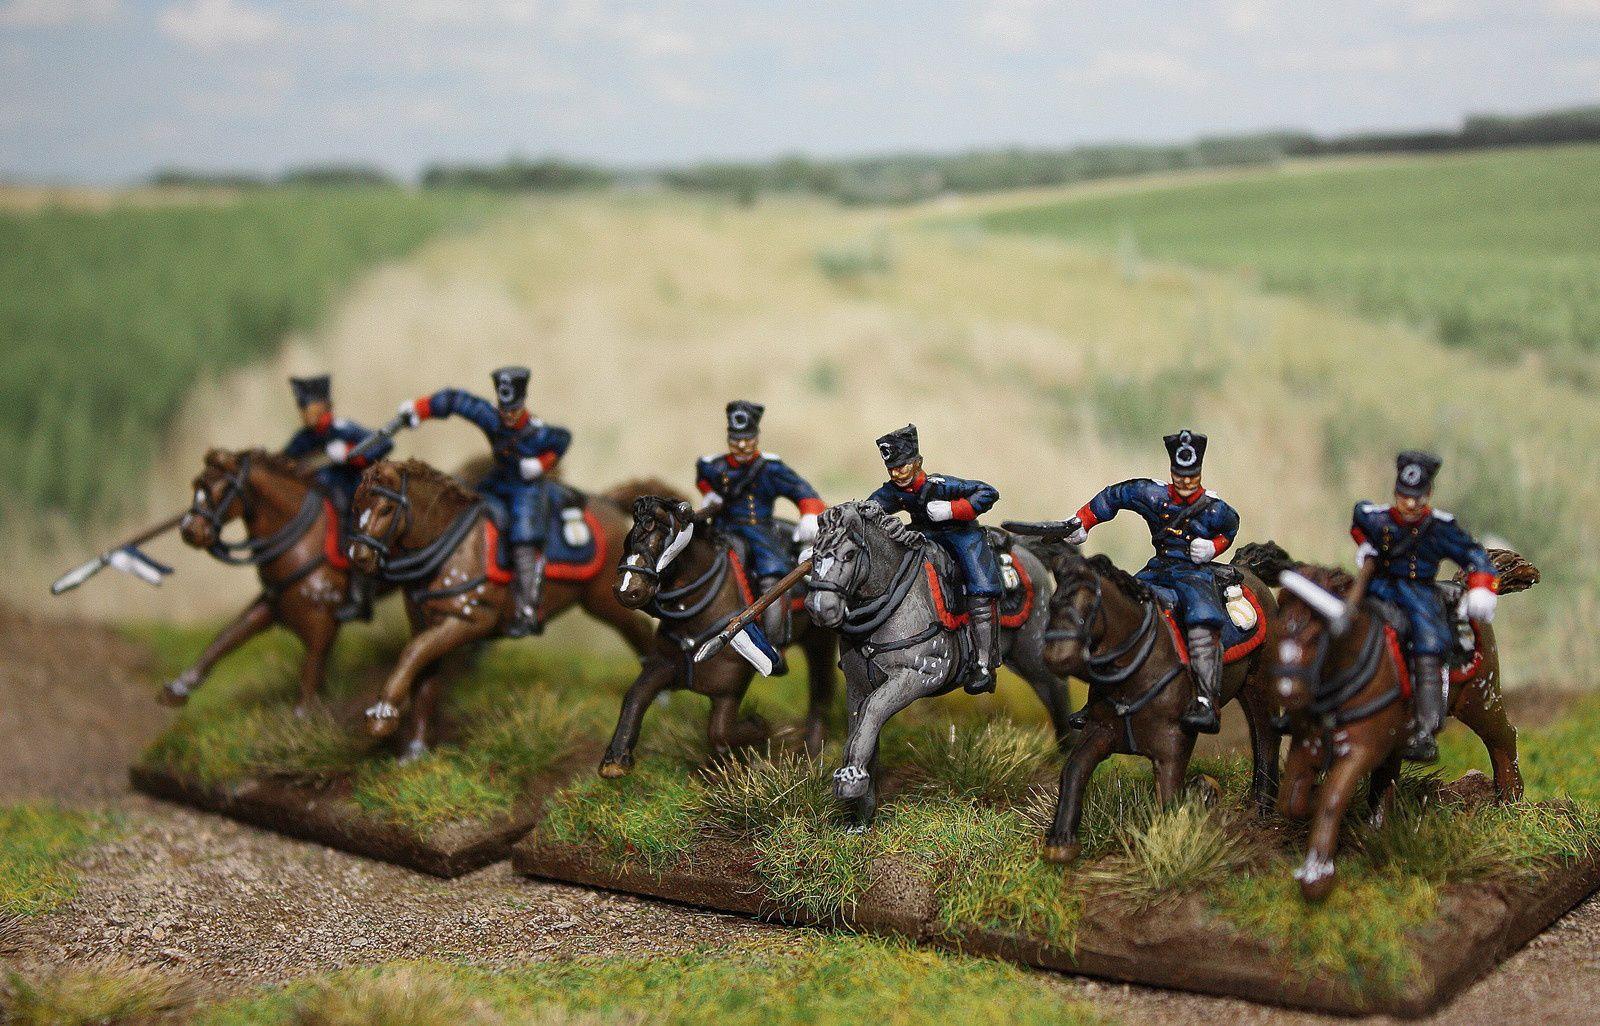 """Les figurines proviennent de la boîte 8005 de chez Hät. Les crinières et queues ont été refaites à l'aide d'un pyrograveur afin d'améliorer les chevaux. Les petites touffes d'herbes sont des n°3 """"Waterloo miniatures""""."""